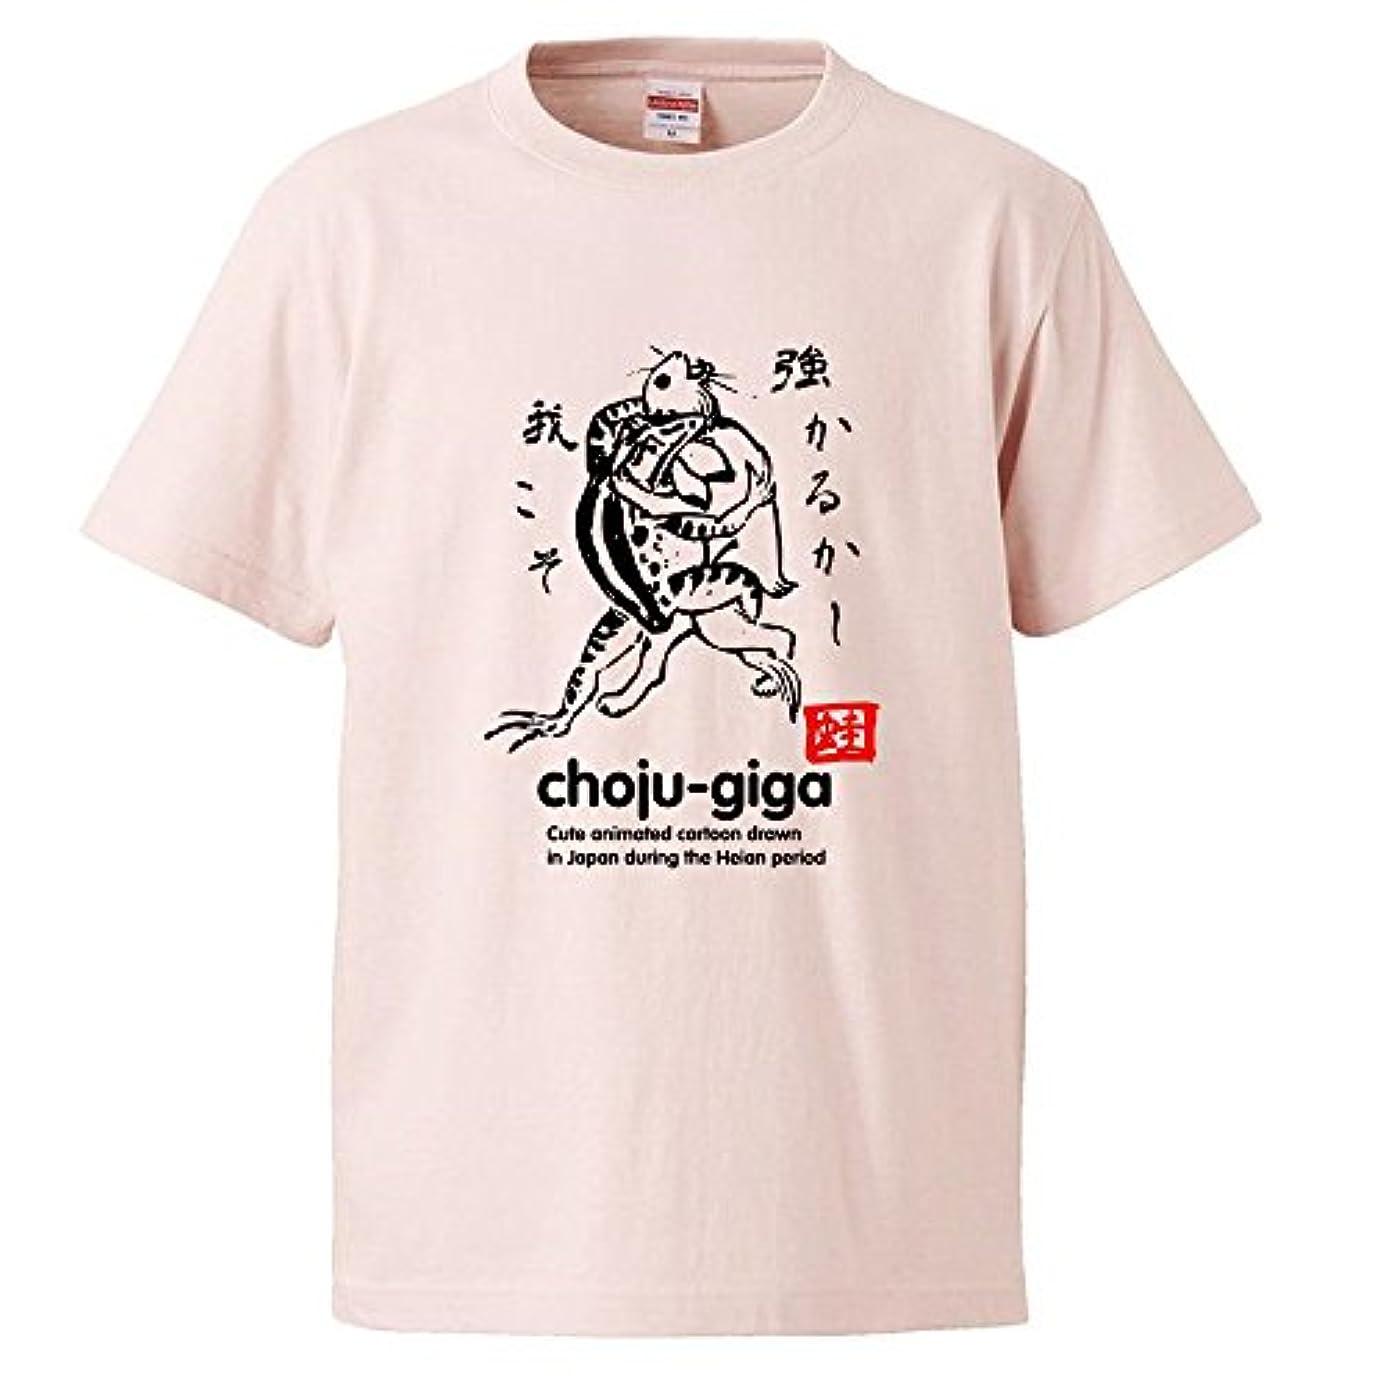 いつか家畜歯痛鳥獣戯画 メッセージ 半袖 Tシャツ 我こそ強かるかし かえる うさぎ カタログネットTシャツ工房